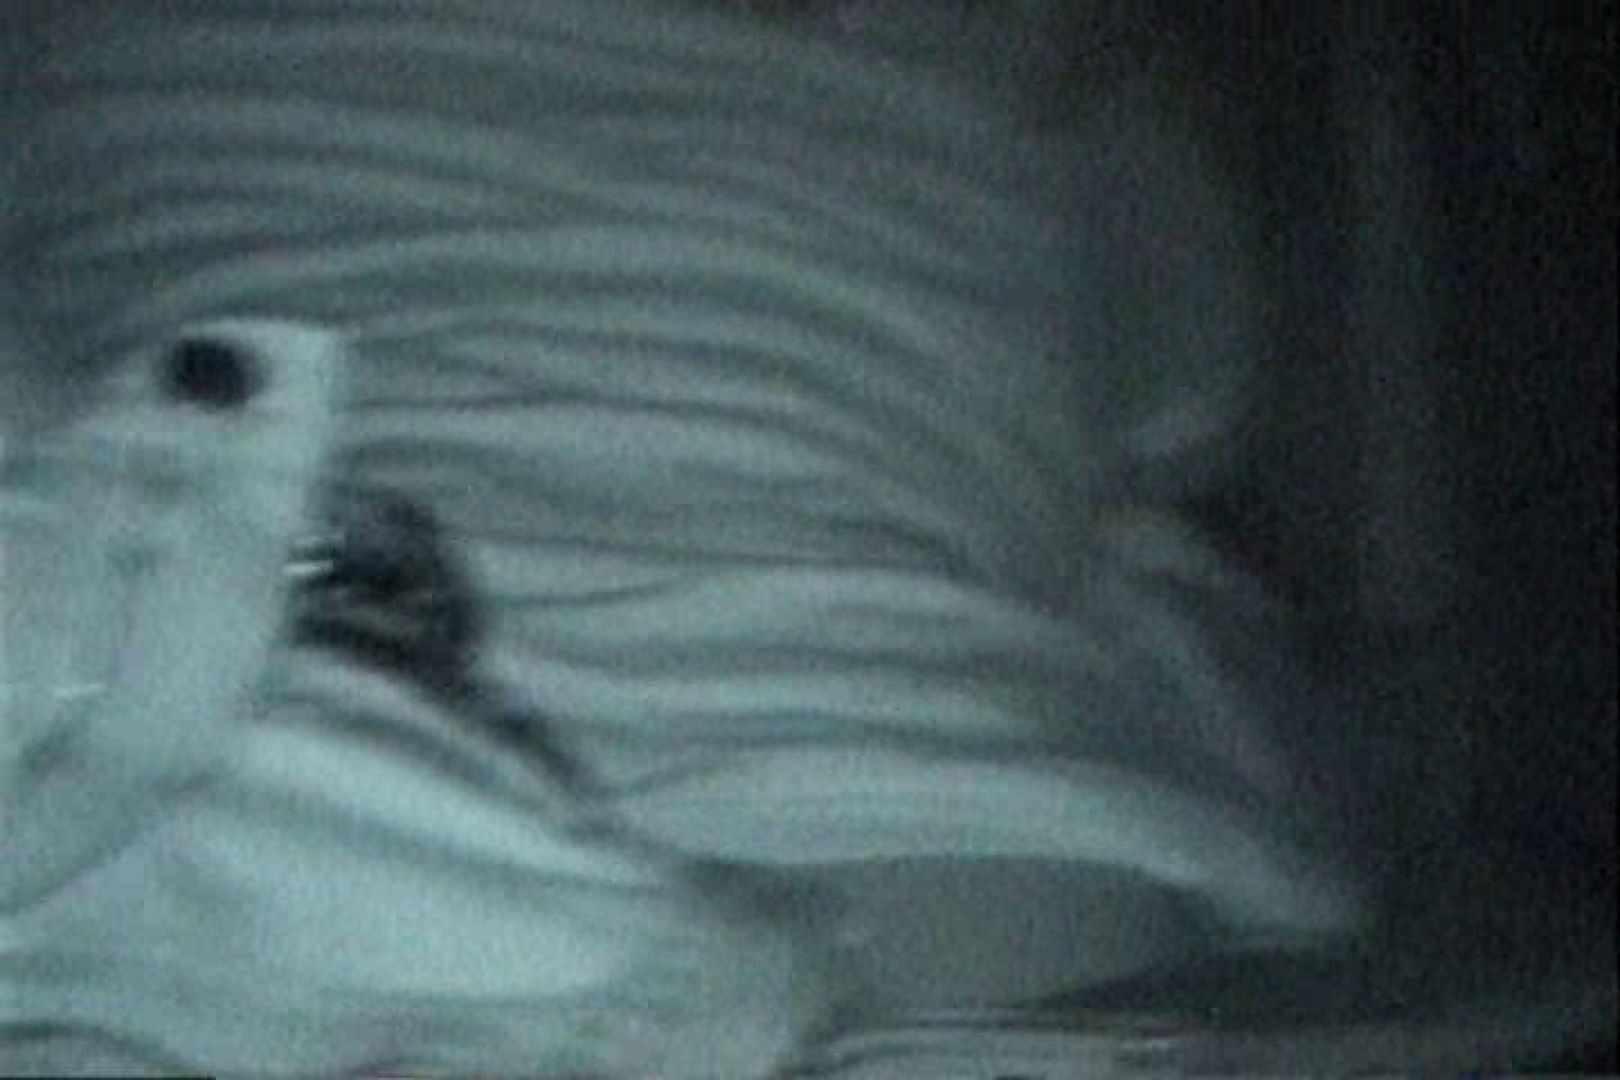 充血監督の深夜の運動会Vol.151 カップル盗撮 オマンコ無修正動画無料 97画像 26